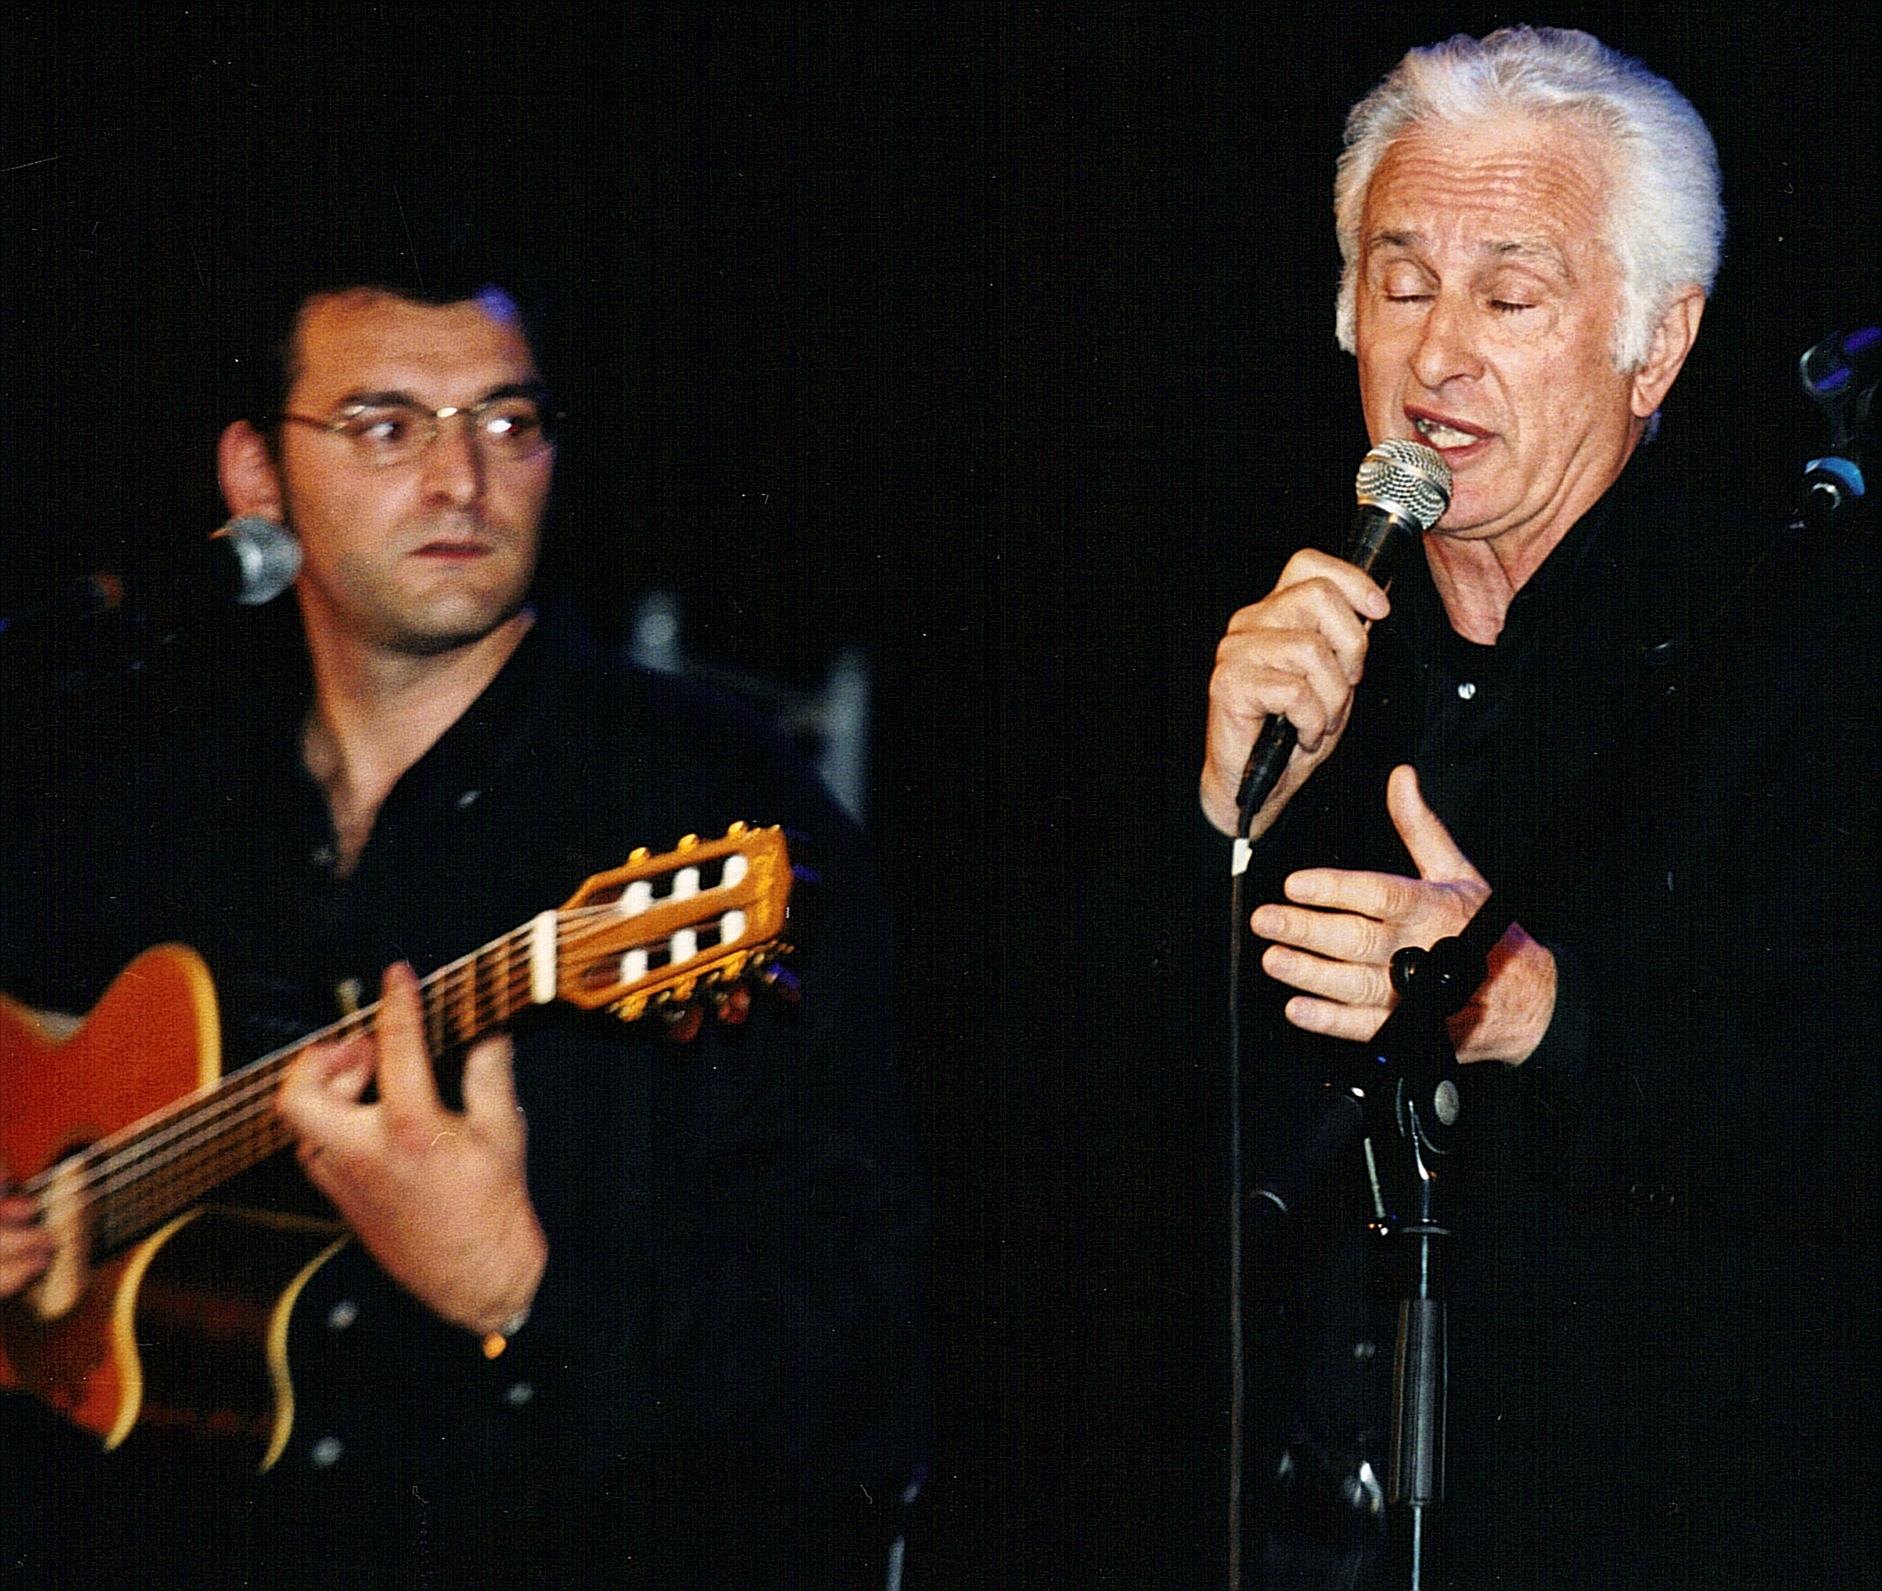 Bruno_Granier_sur_scène_avec_Marcel_Amont_Théâtre_Sète_Oct_2001